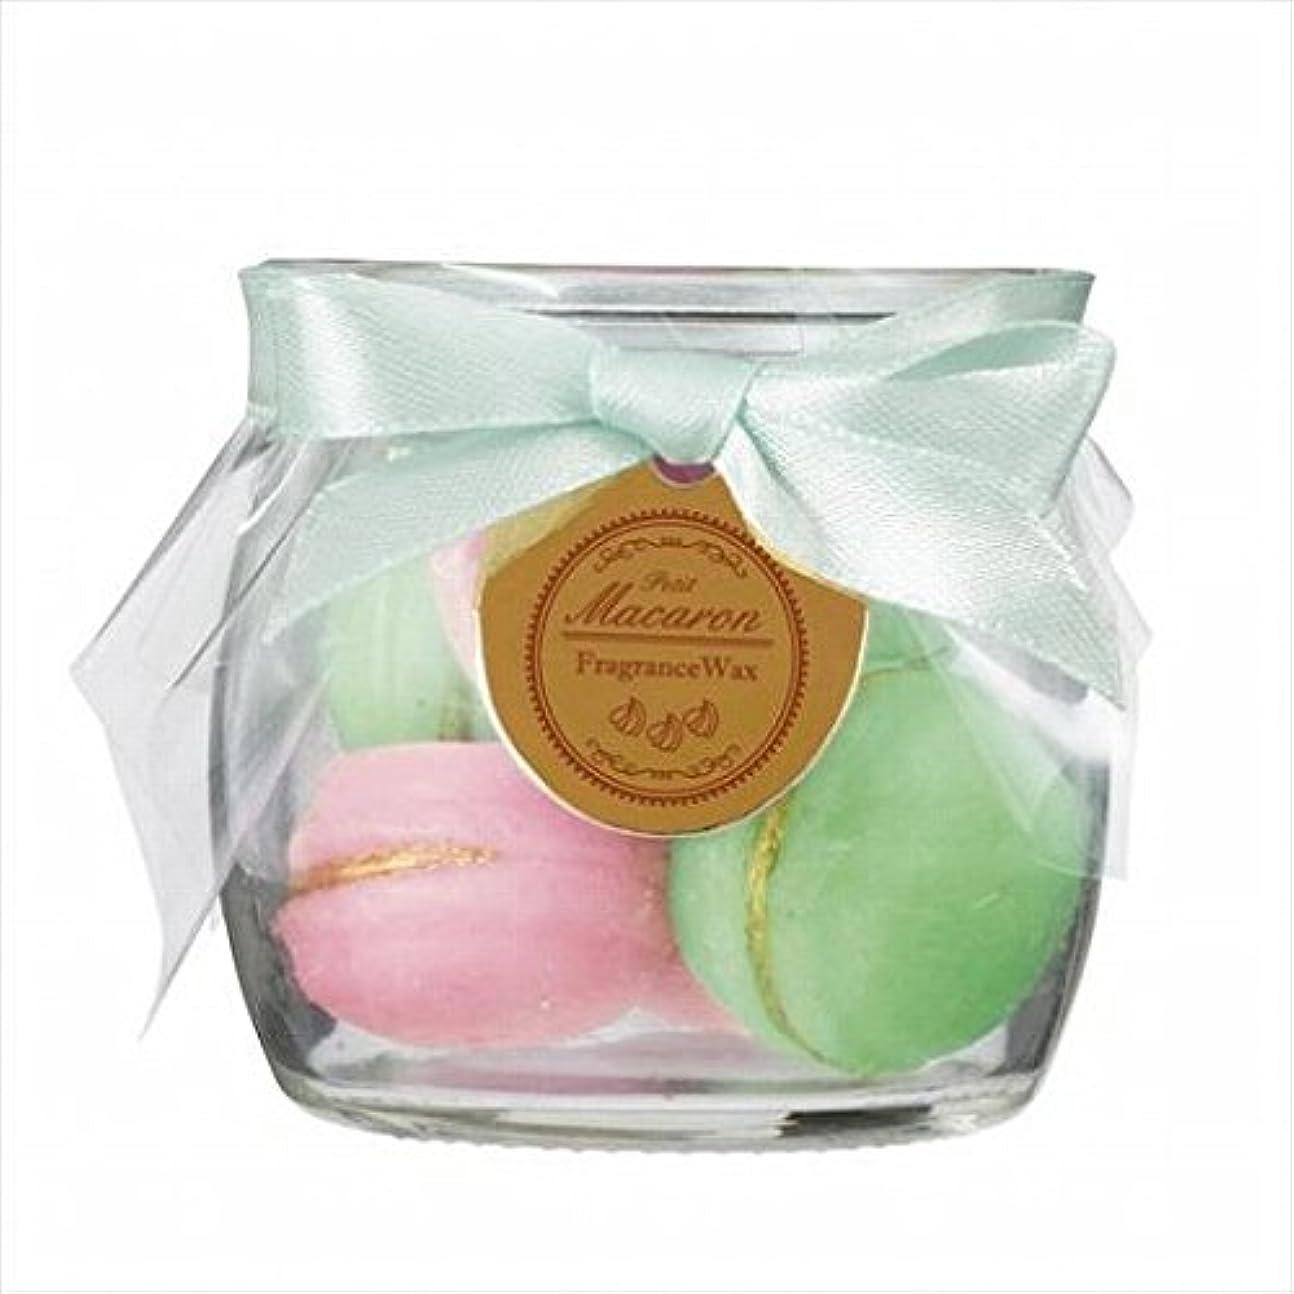 シアー本質的にくつろぐsweets candle(スイーツキャンドル) プチマカロンフレグランス 「 レモン 」 キャンドル 60x60x56mm (A3160530)